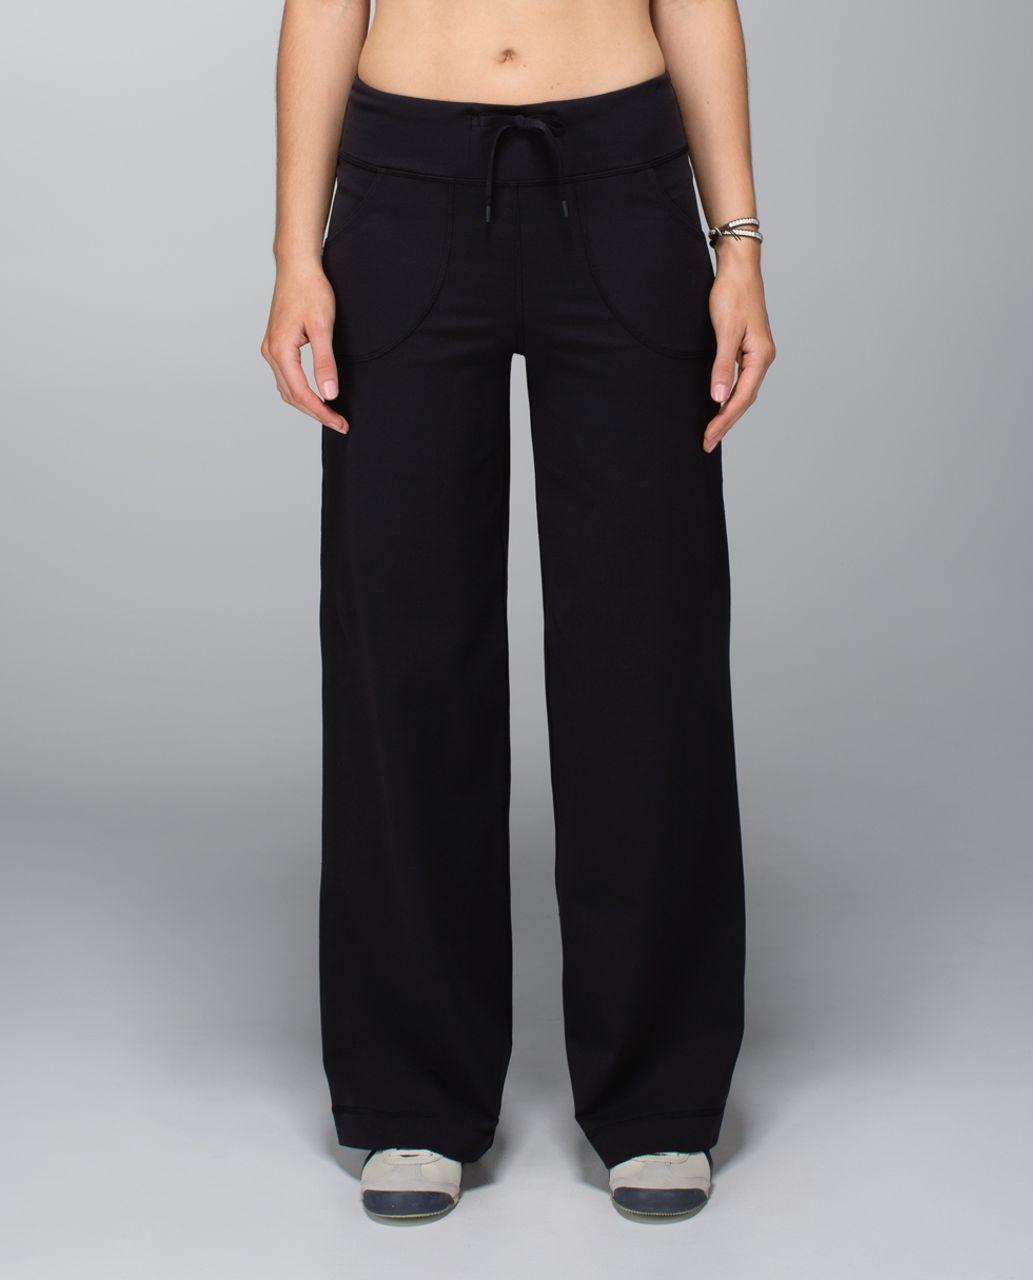 Lululemon Still Pant (Tall) - Black